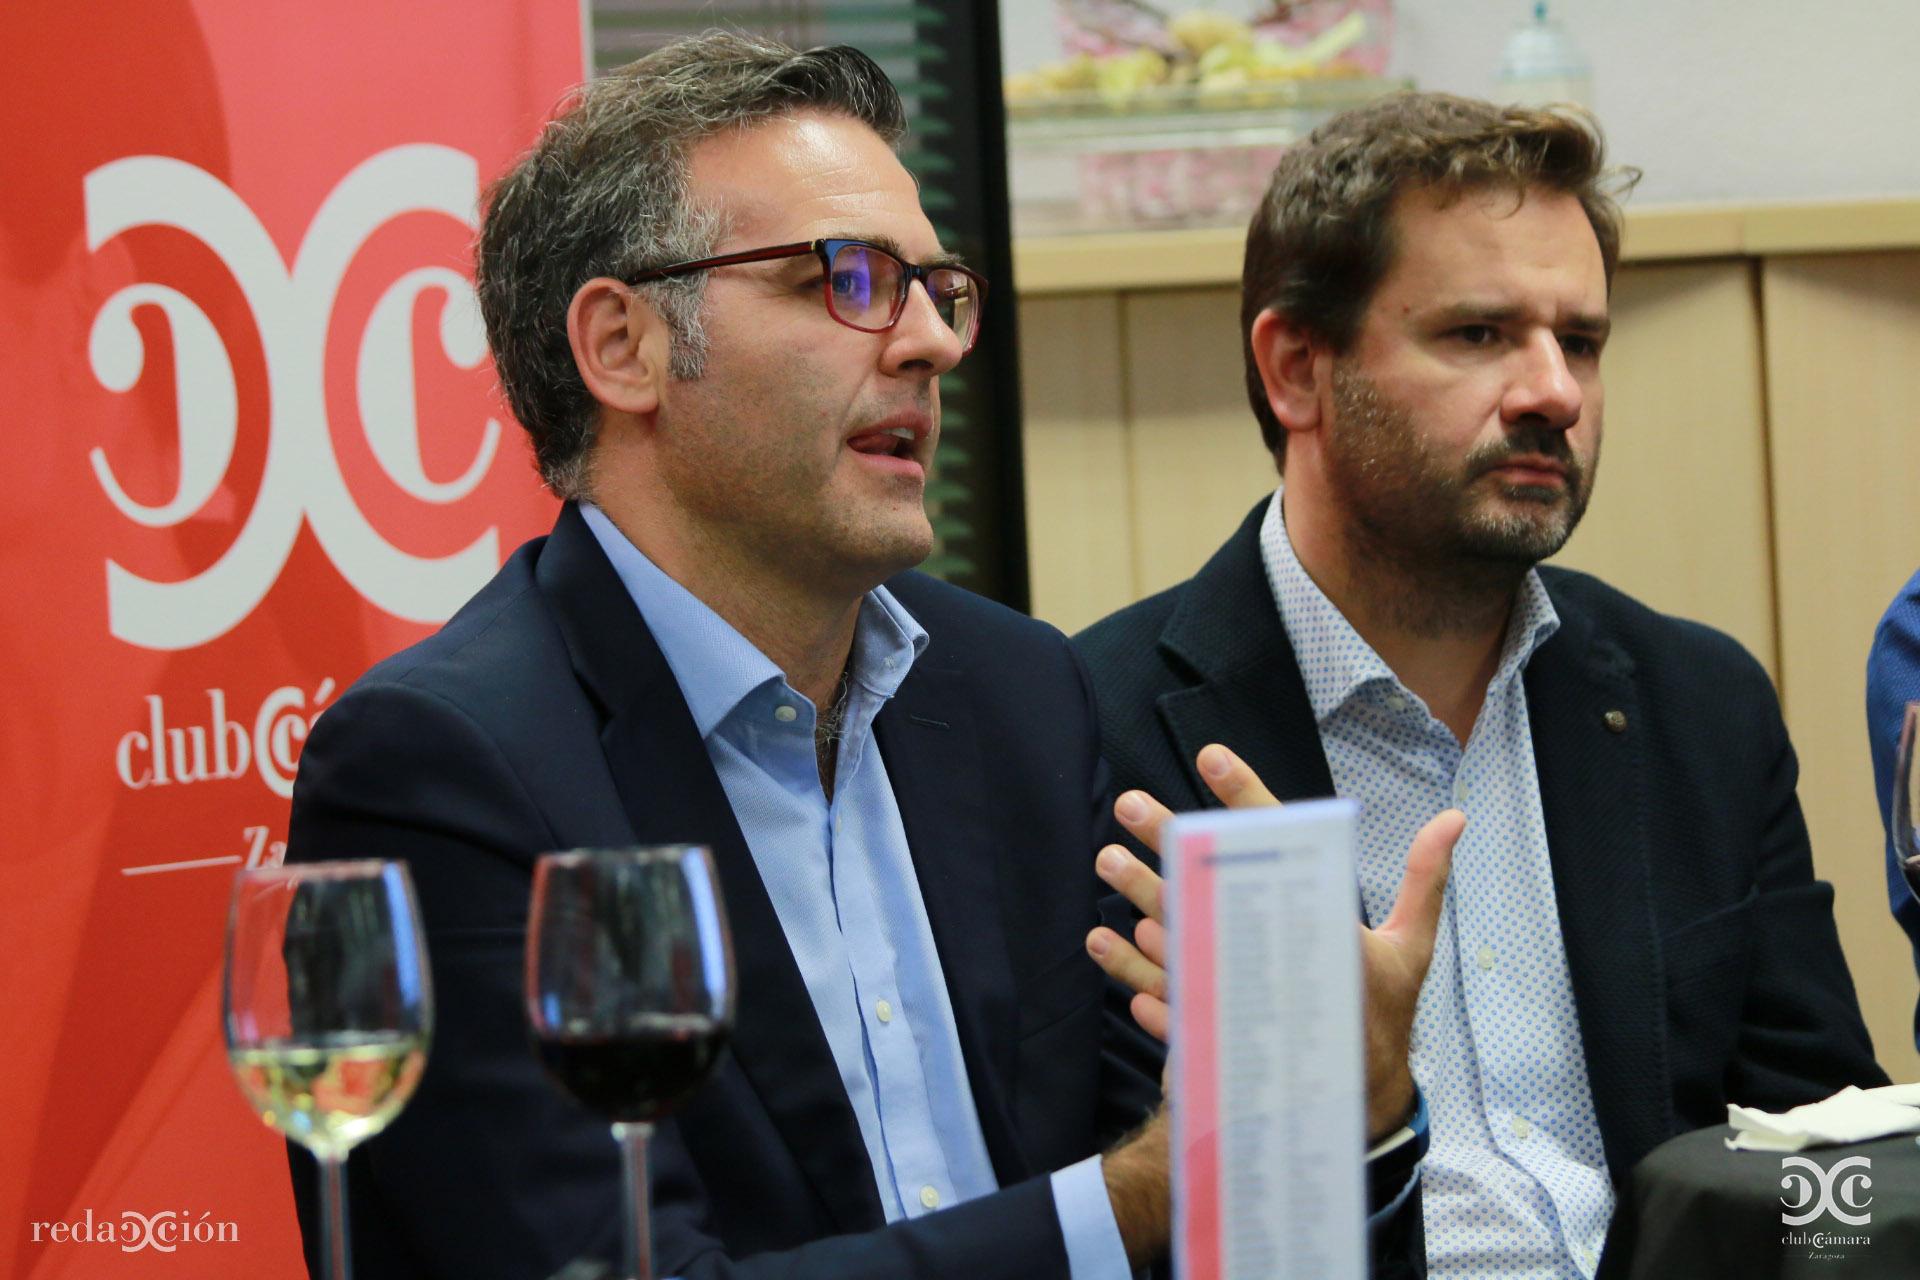 Javier Andonegui y Mariano Espallargas